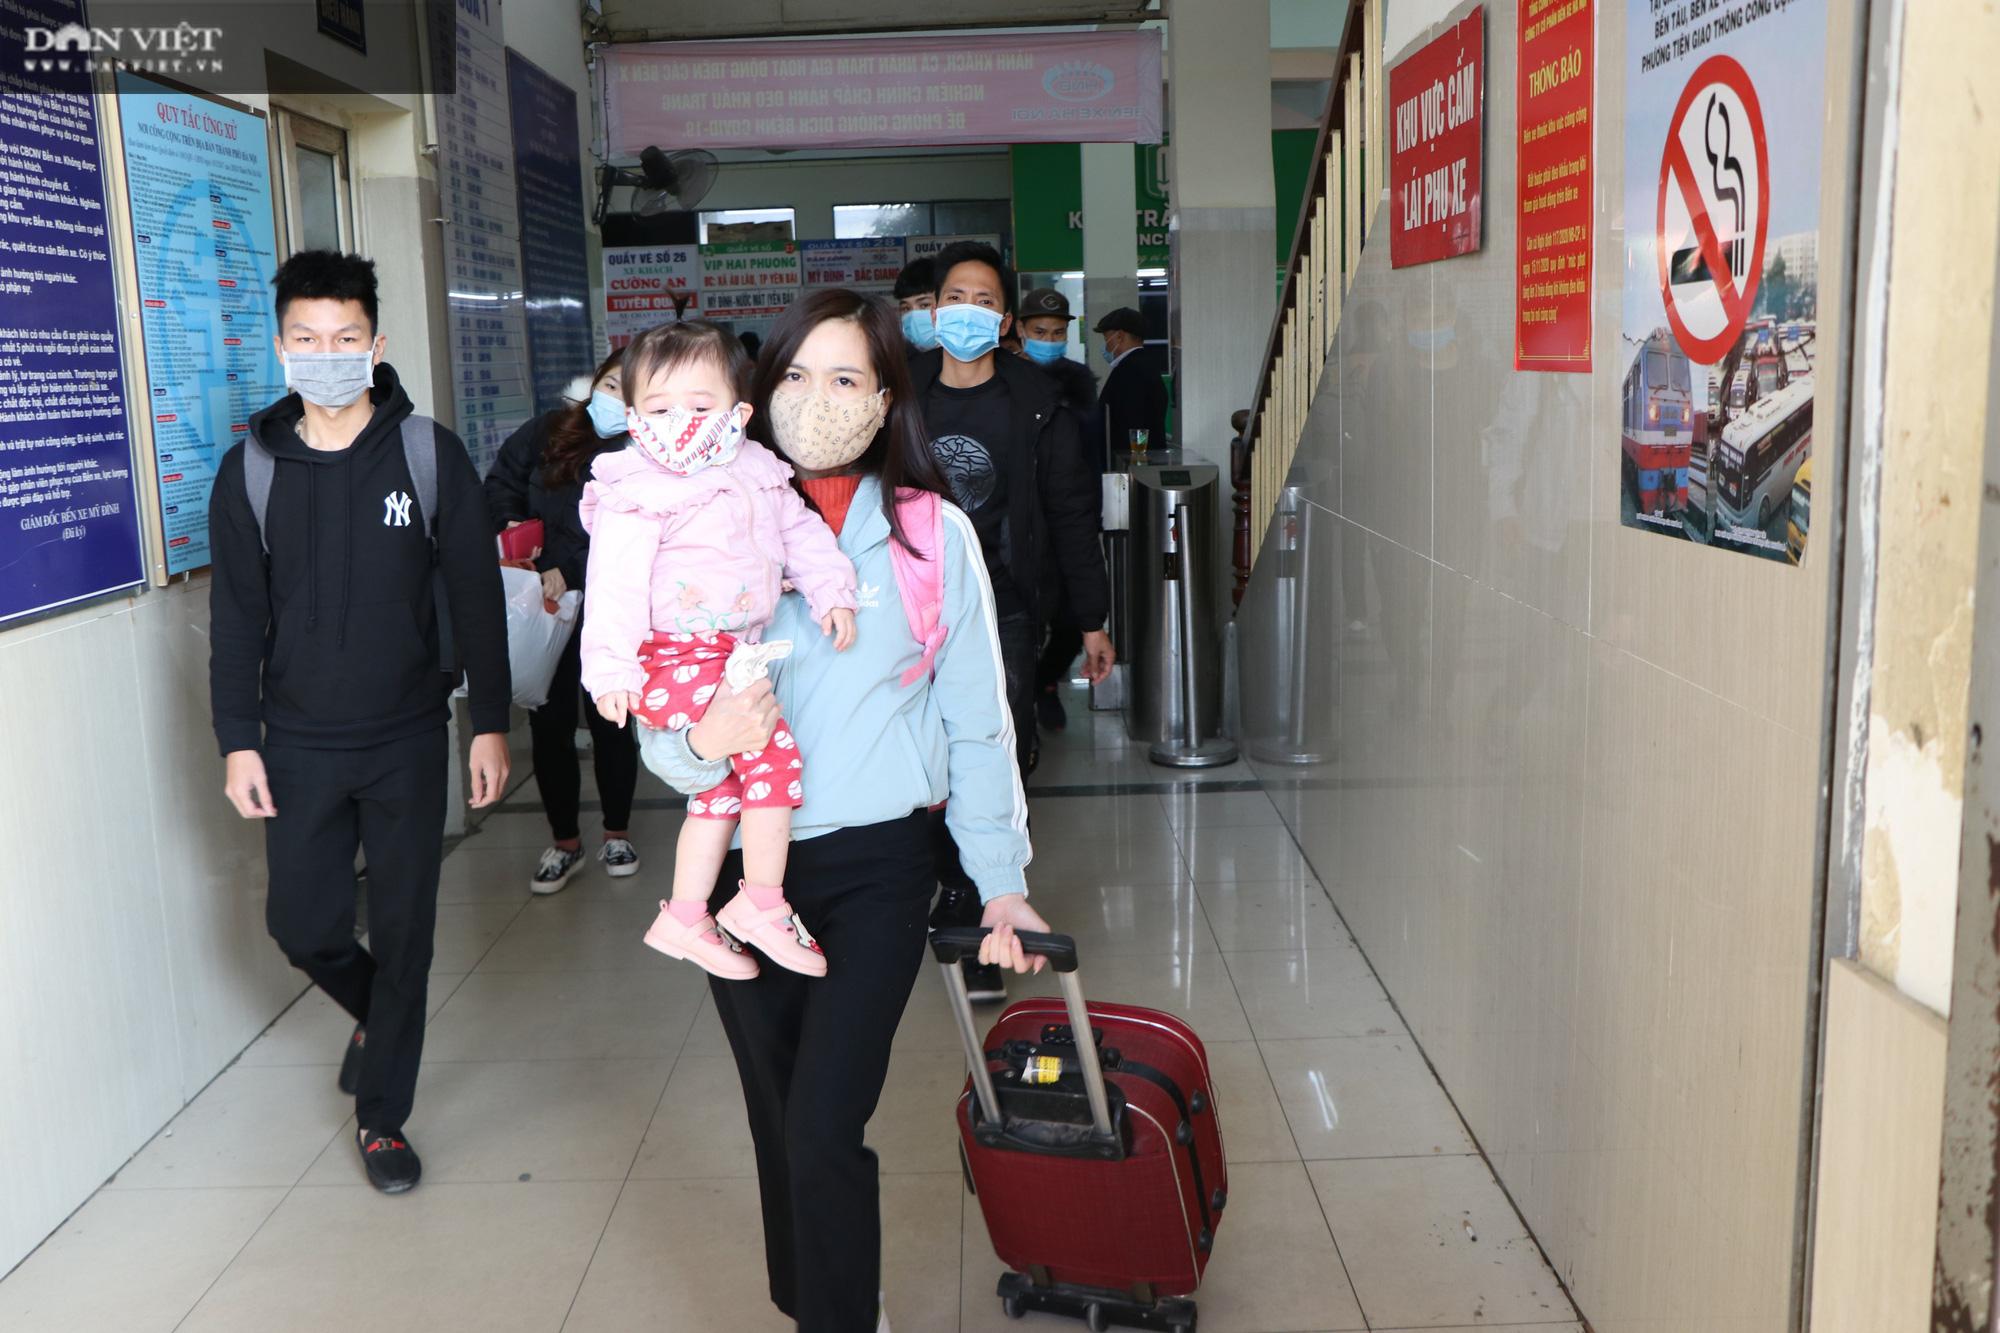 Hà Nội, TP.HCM: Các bến xe khách đồng loạt siết chặt công tác phòng dịch - Ảnh 2.